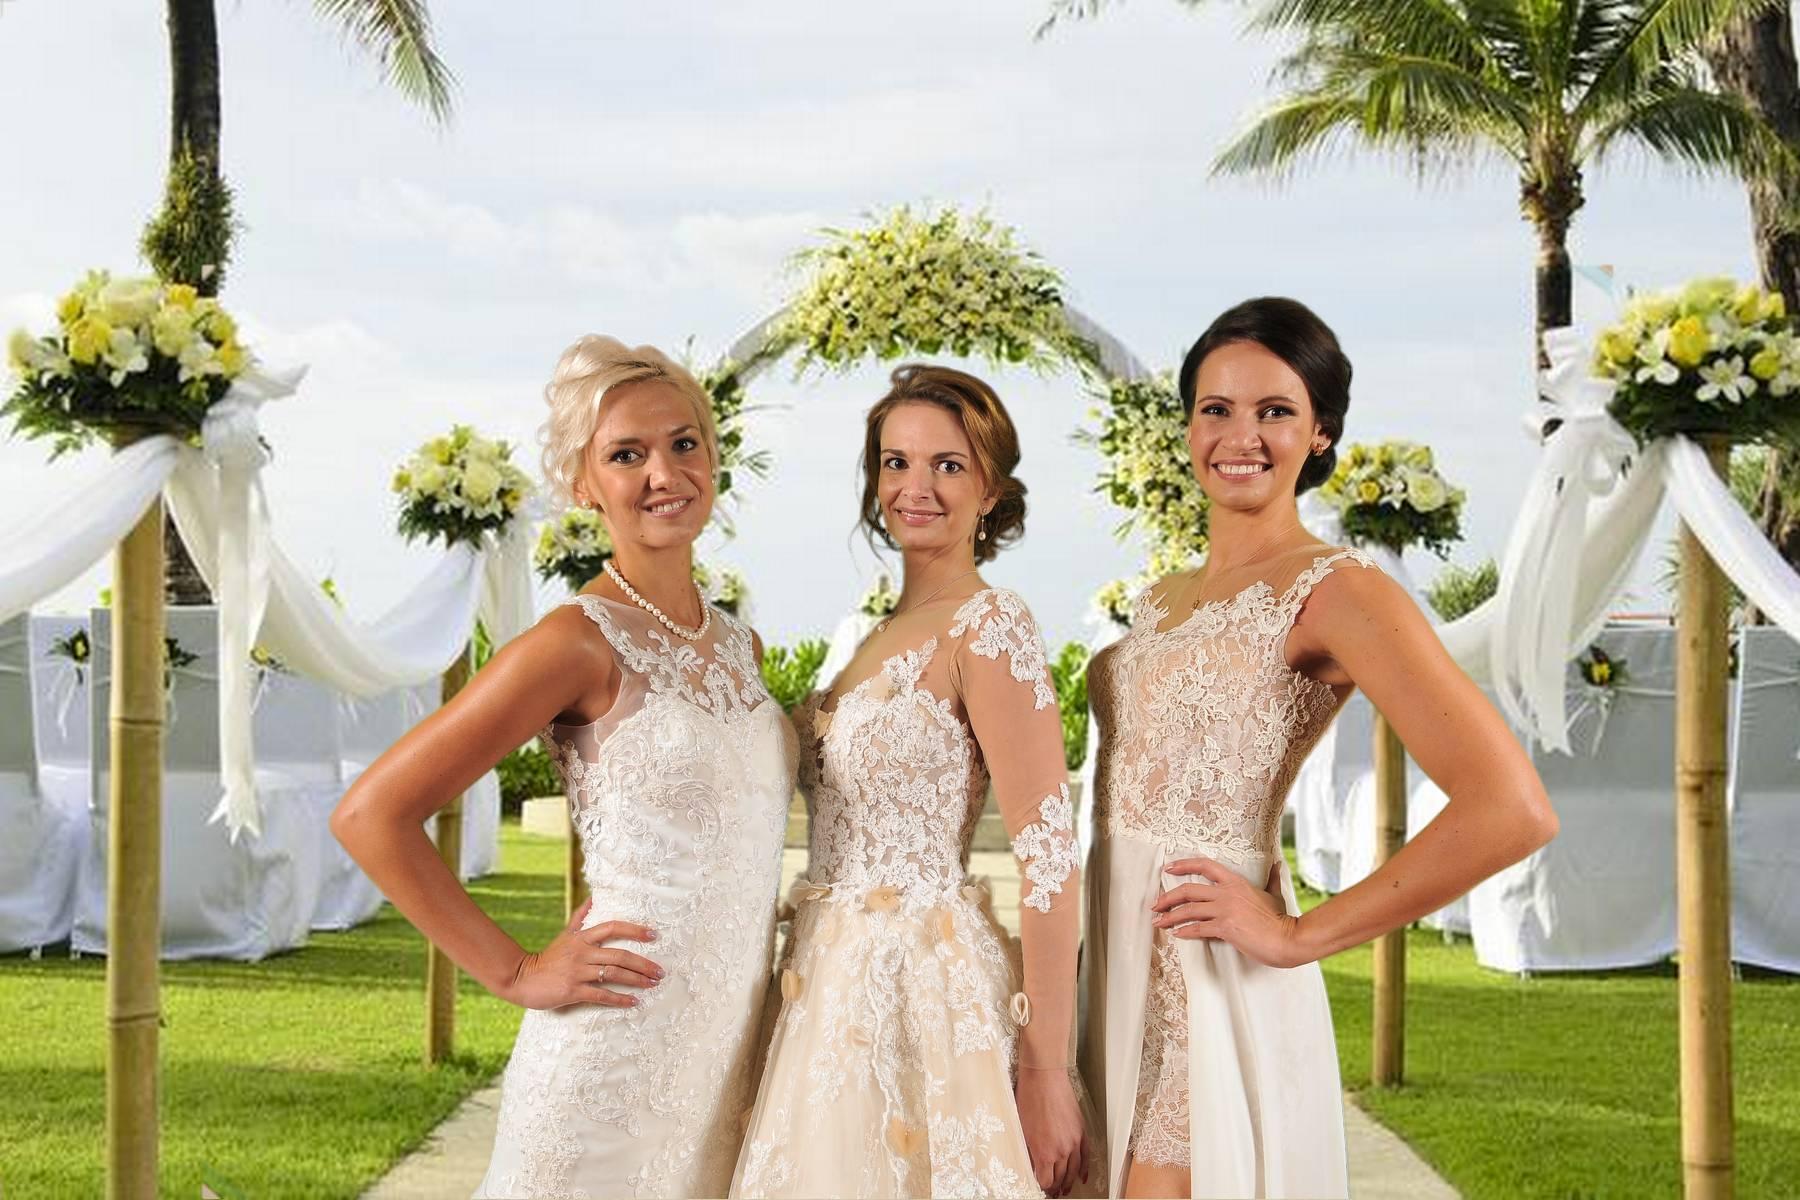 Fotokoutek na svatbu nenaruší váš rozpočet